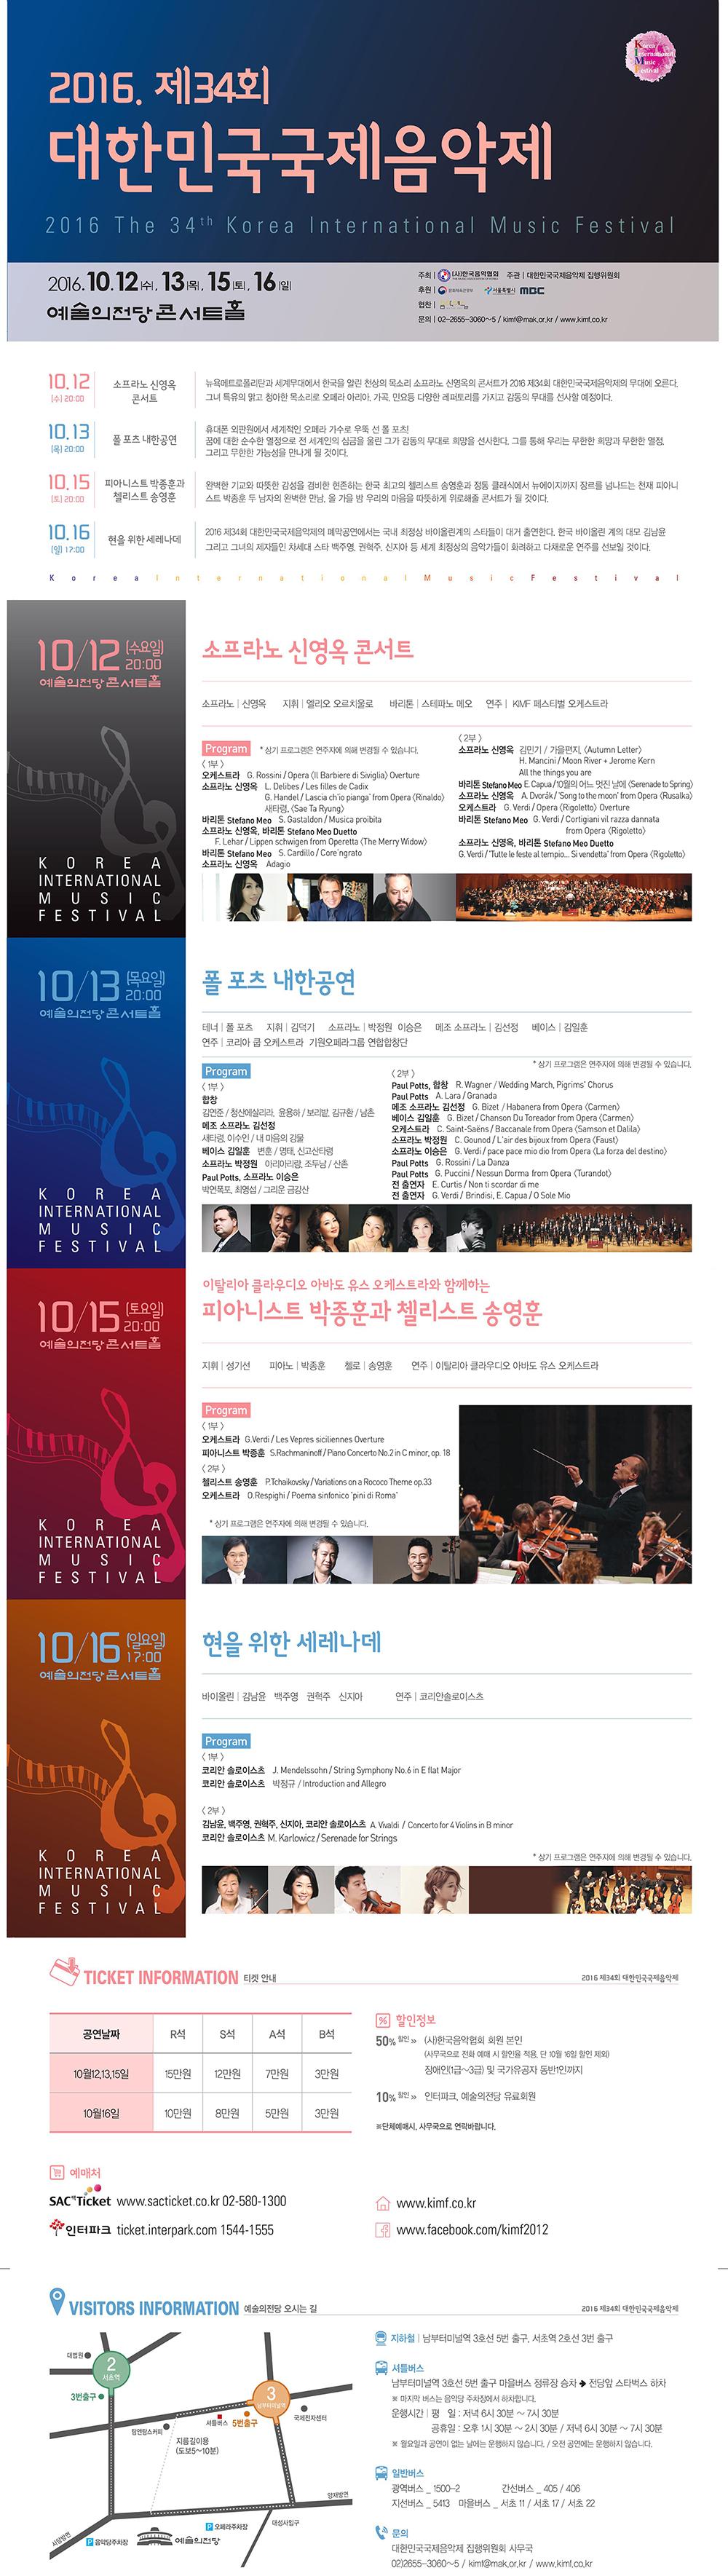 제34회 대한민국국제음악제